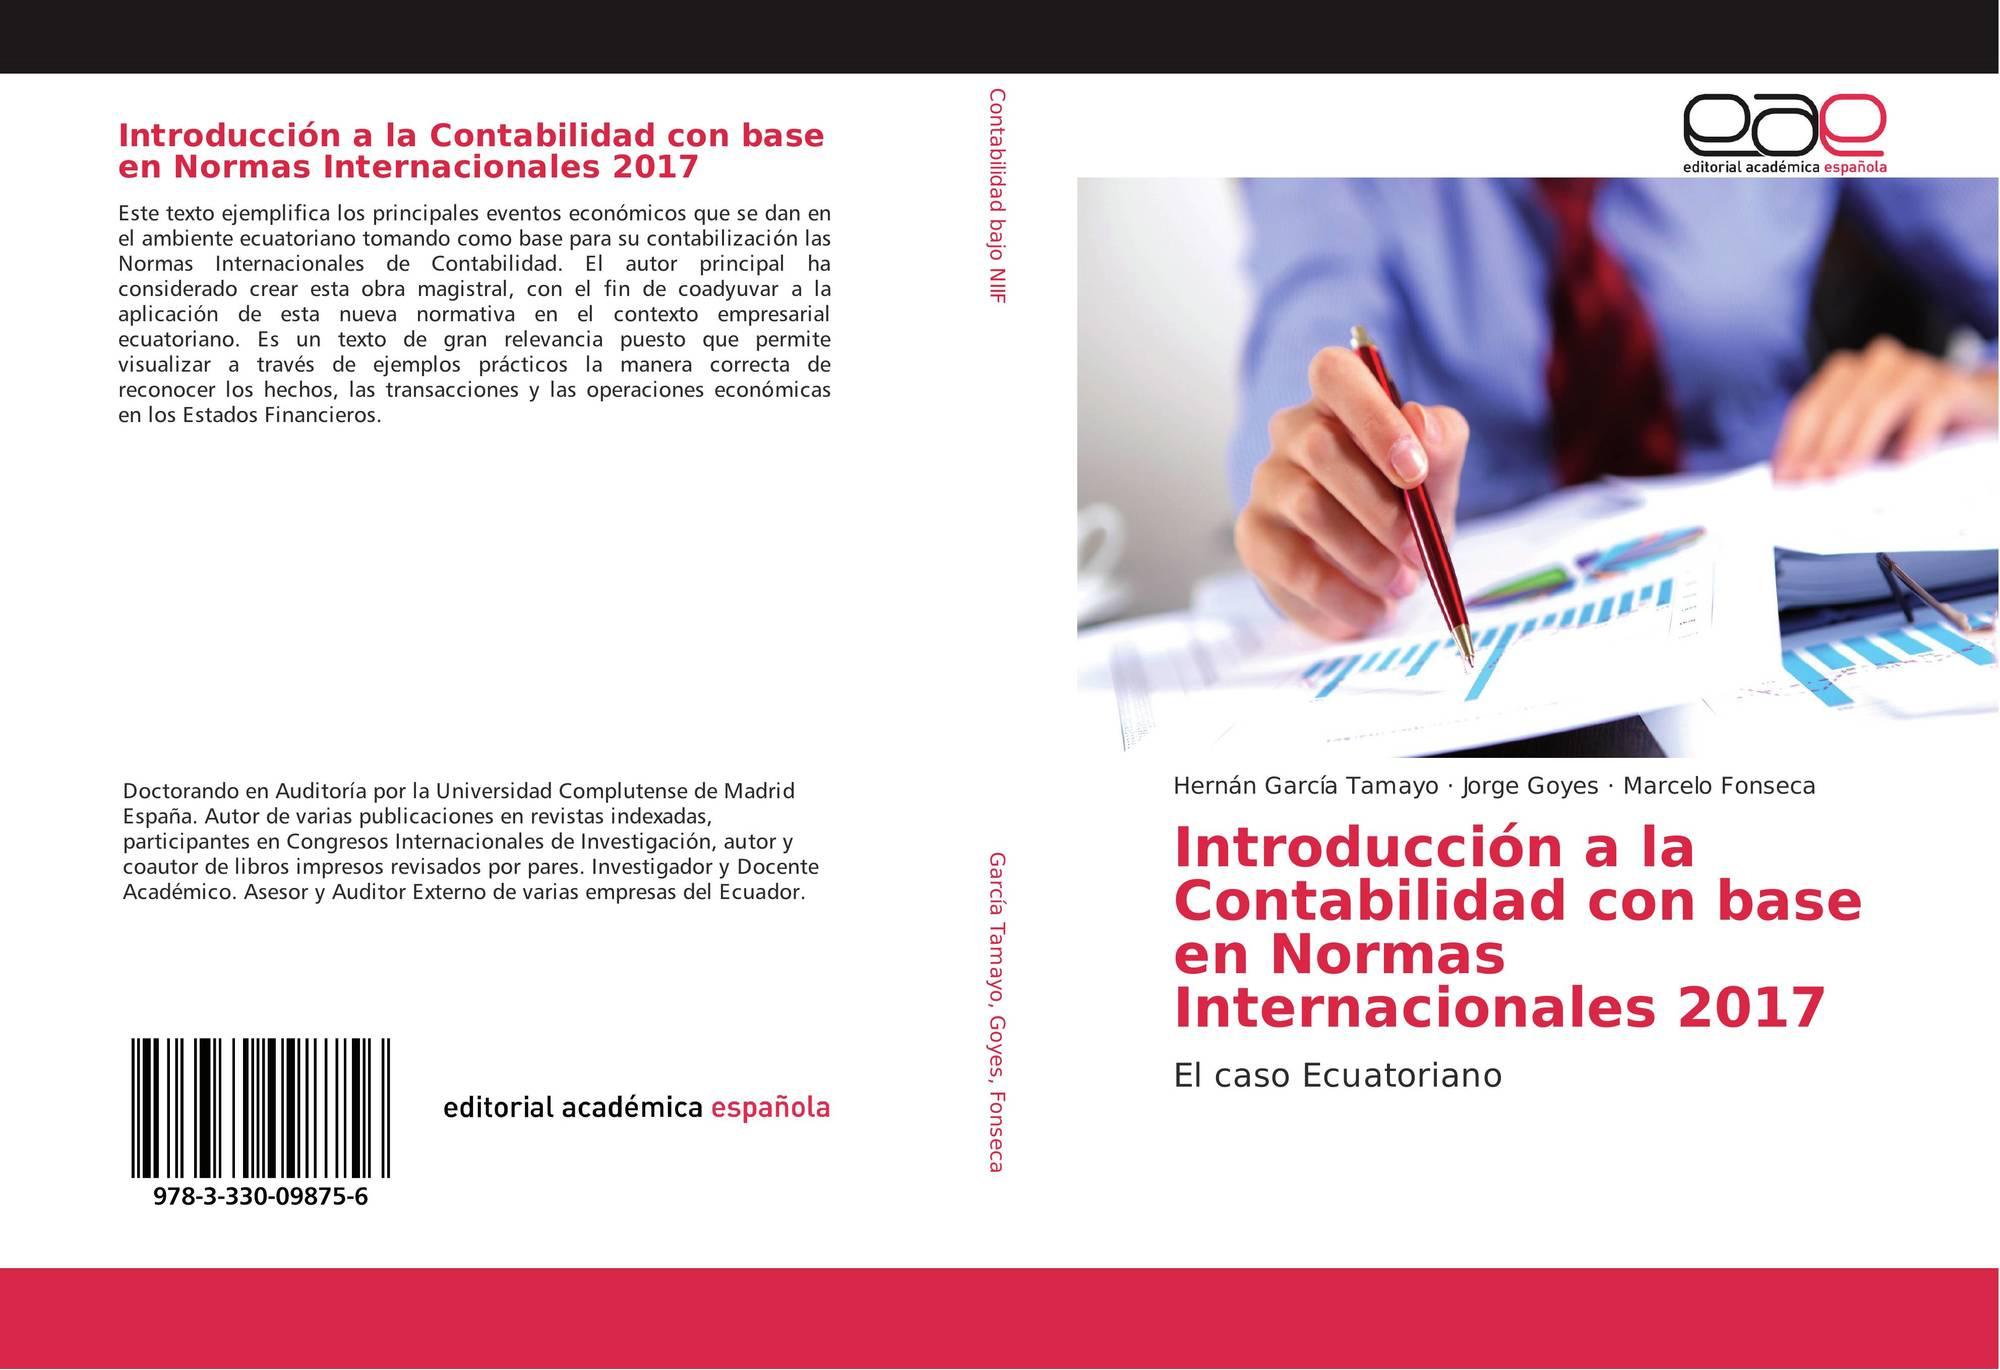 Introducción a la Contabilidad con base en Normas Internacionales ...